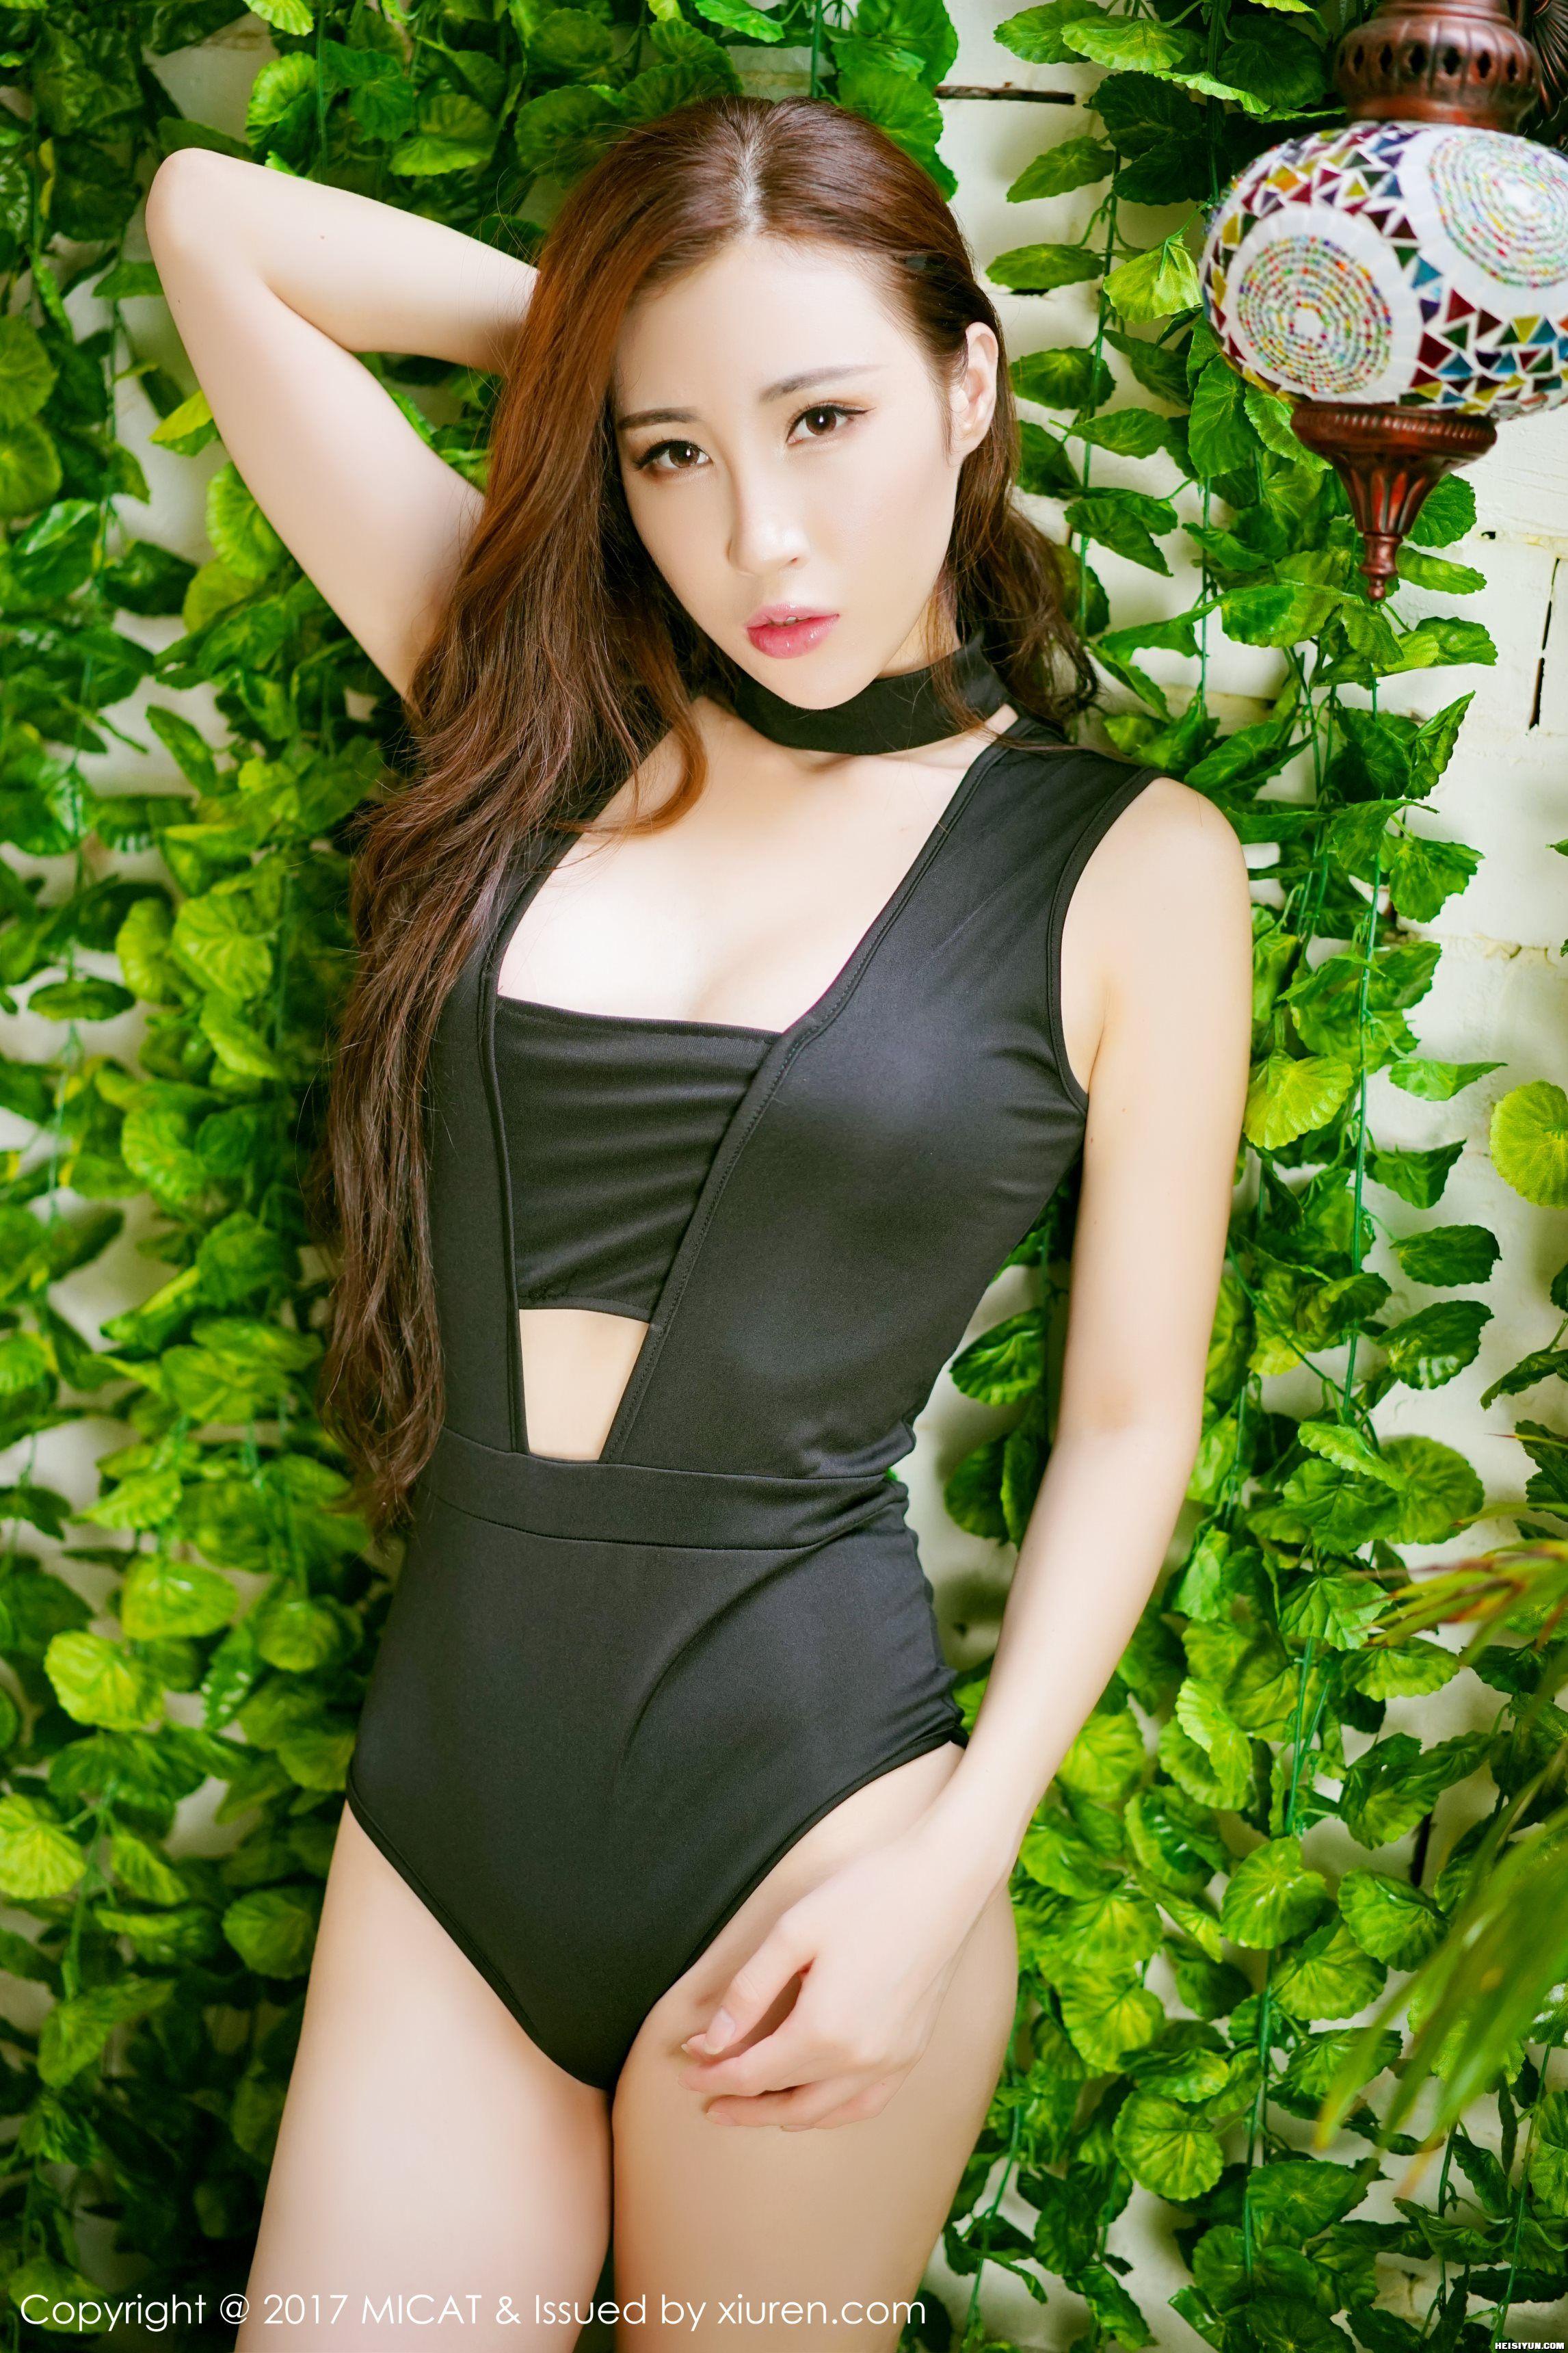 [MICAT猫萌榜] 2017.07.06 Vol.018 孙梦瑶V [45+1P]